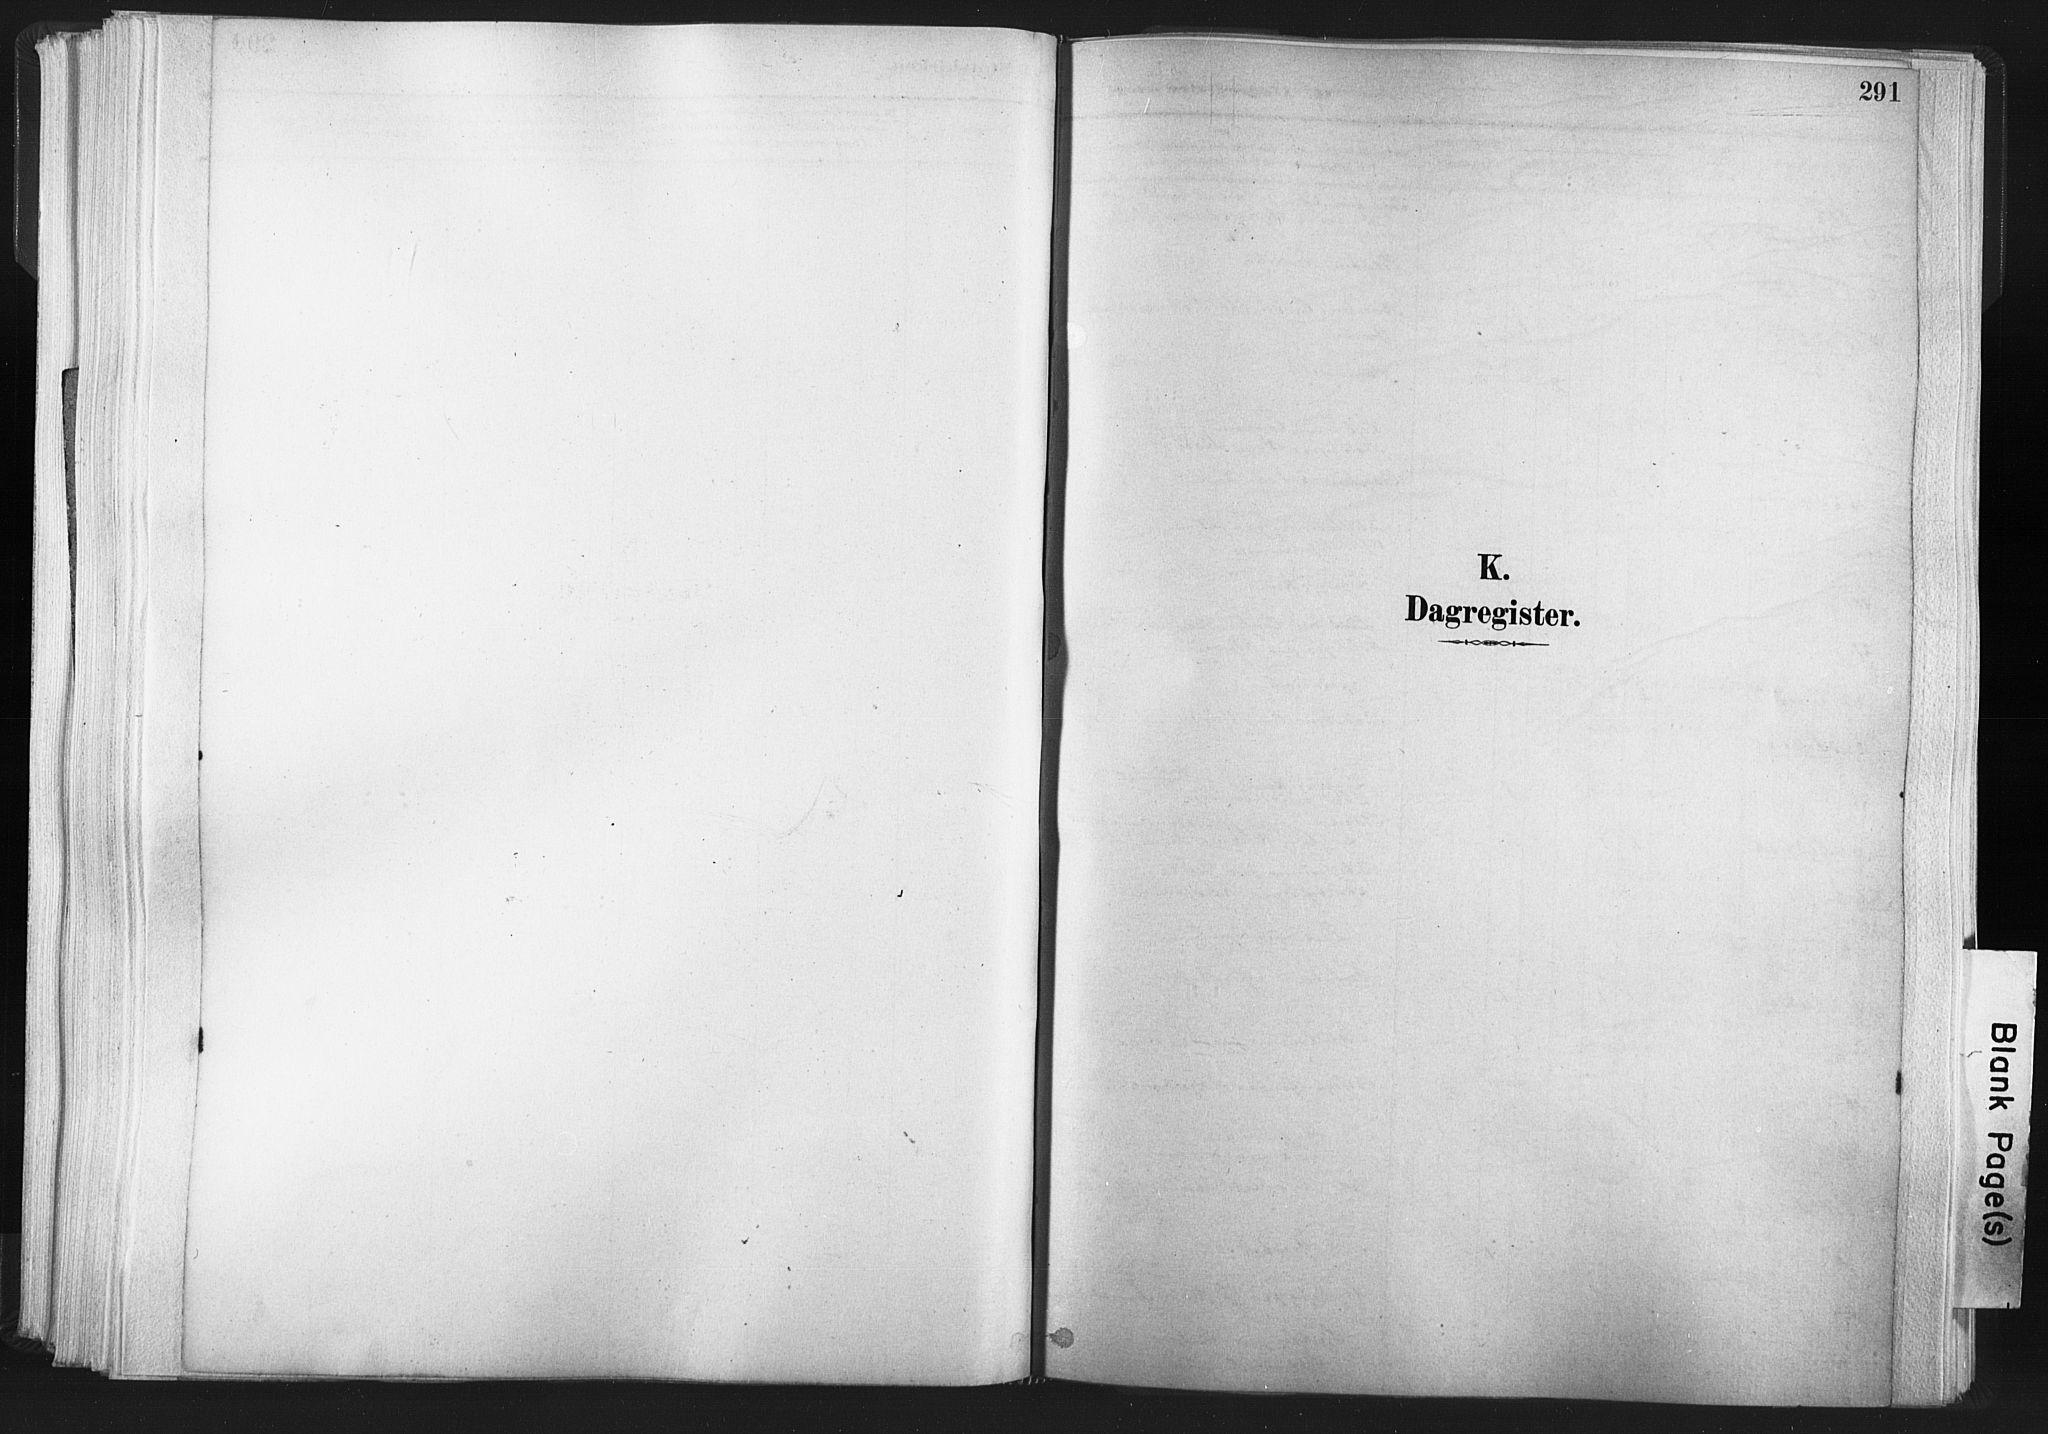 SAT, Ministerialprotokoller, klokkerbøker og fødselsregistre - Nord-Trøndelag, 749/L0474: Ministerialbok nr. 749A08, 1887-1903, s. 291